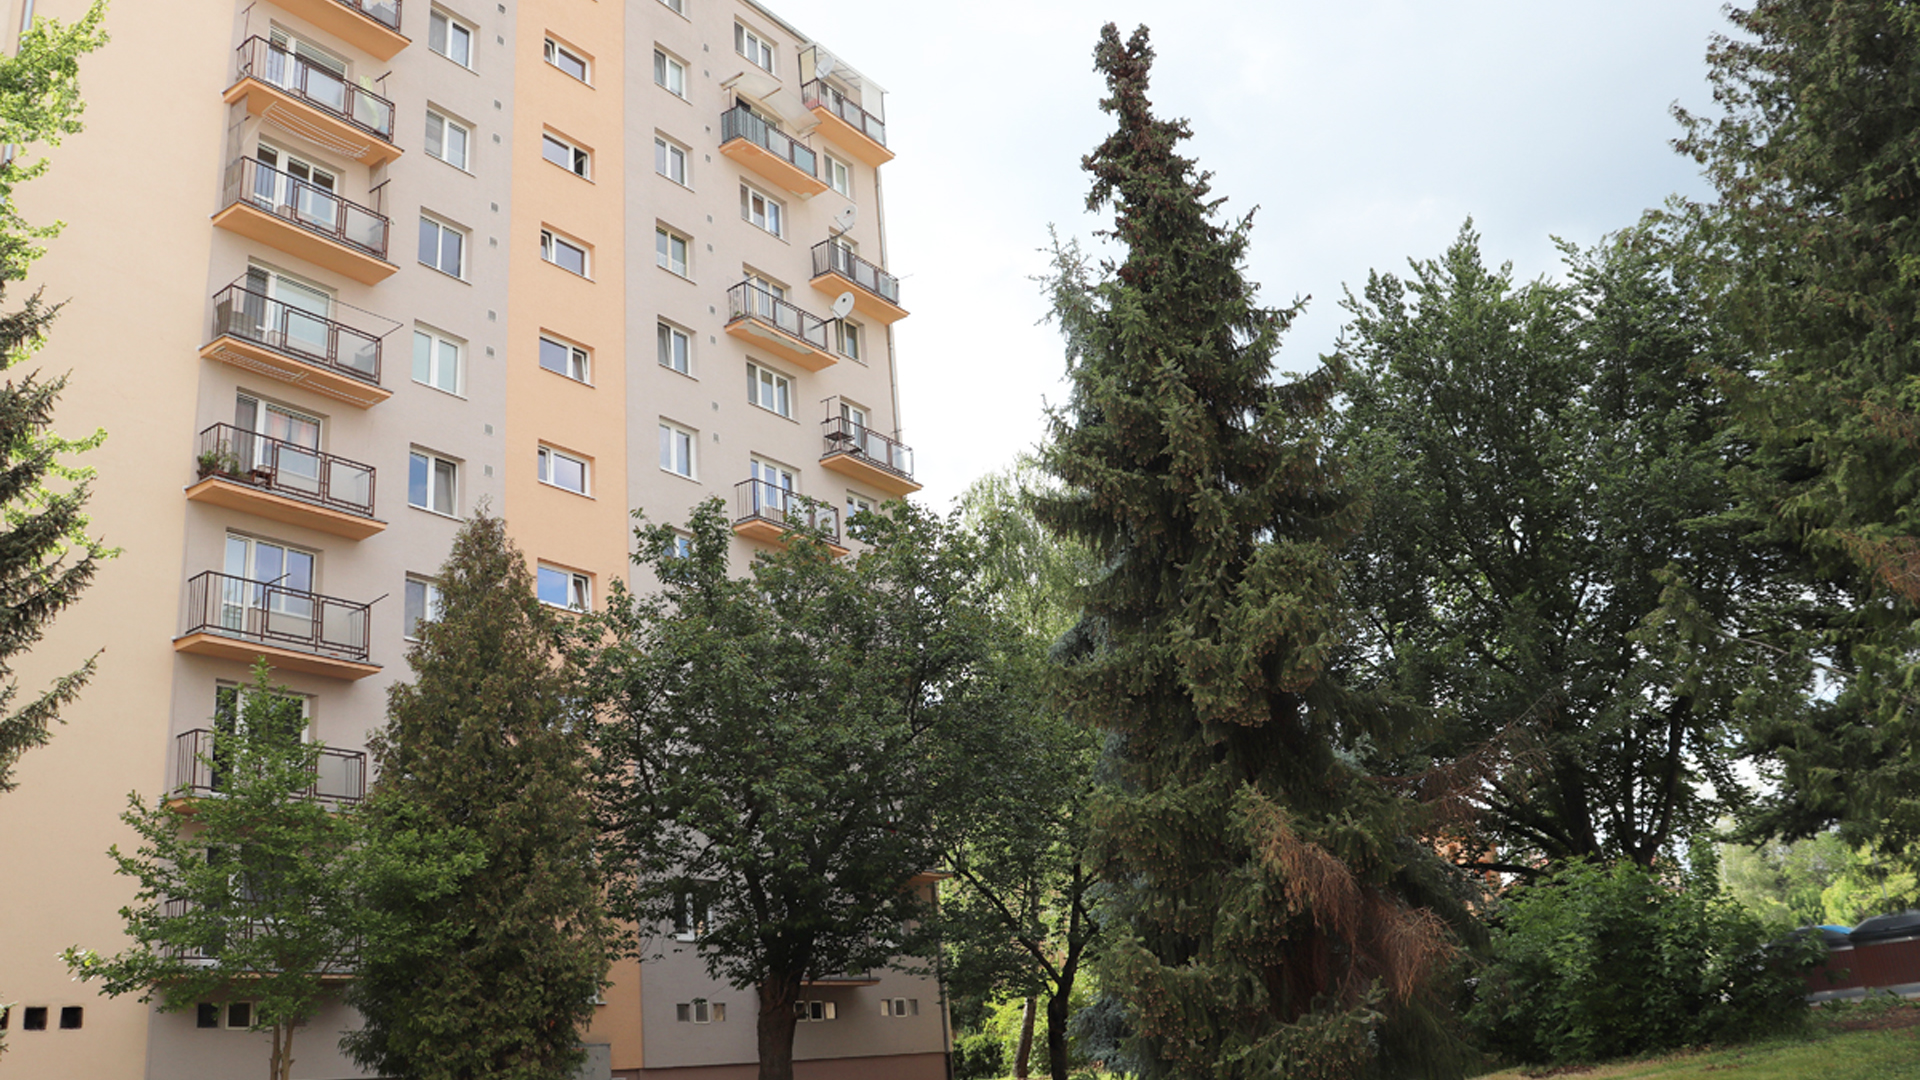 3 izbový byt na predaj vo výbornej lokalite, Zvolen